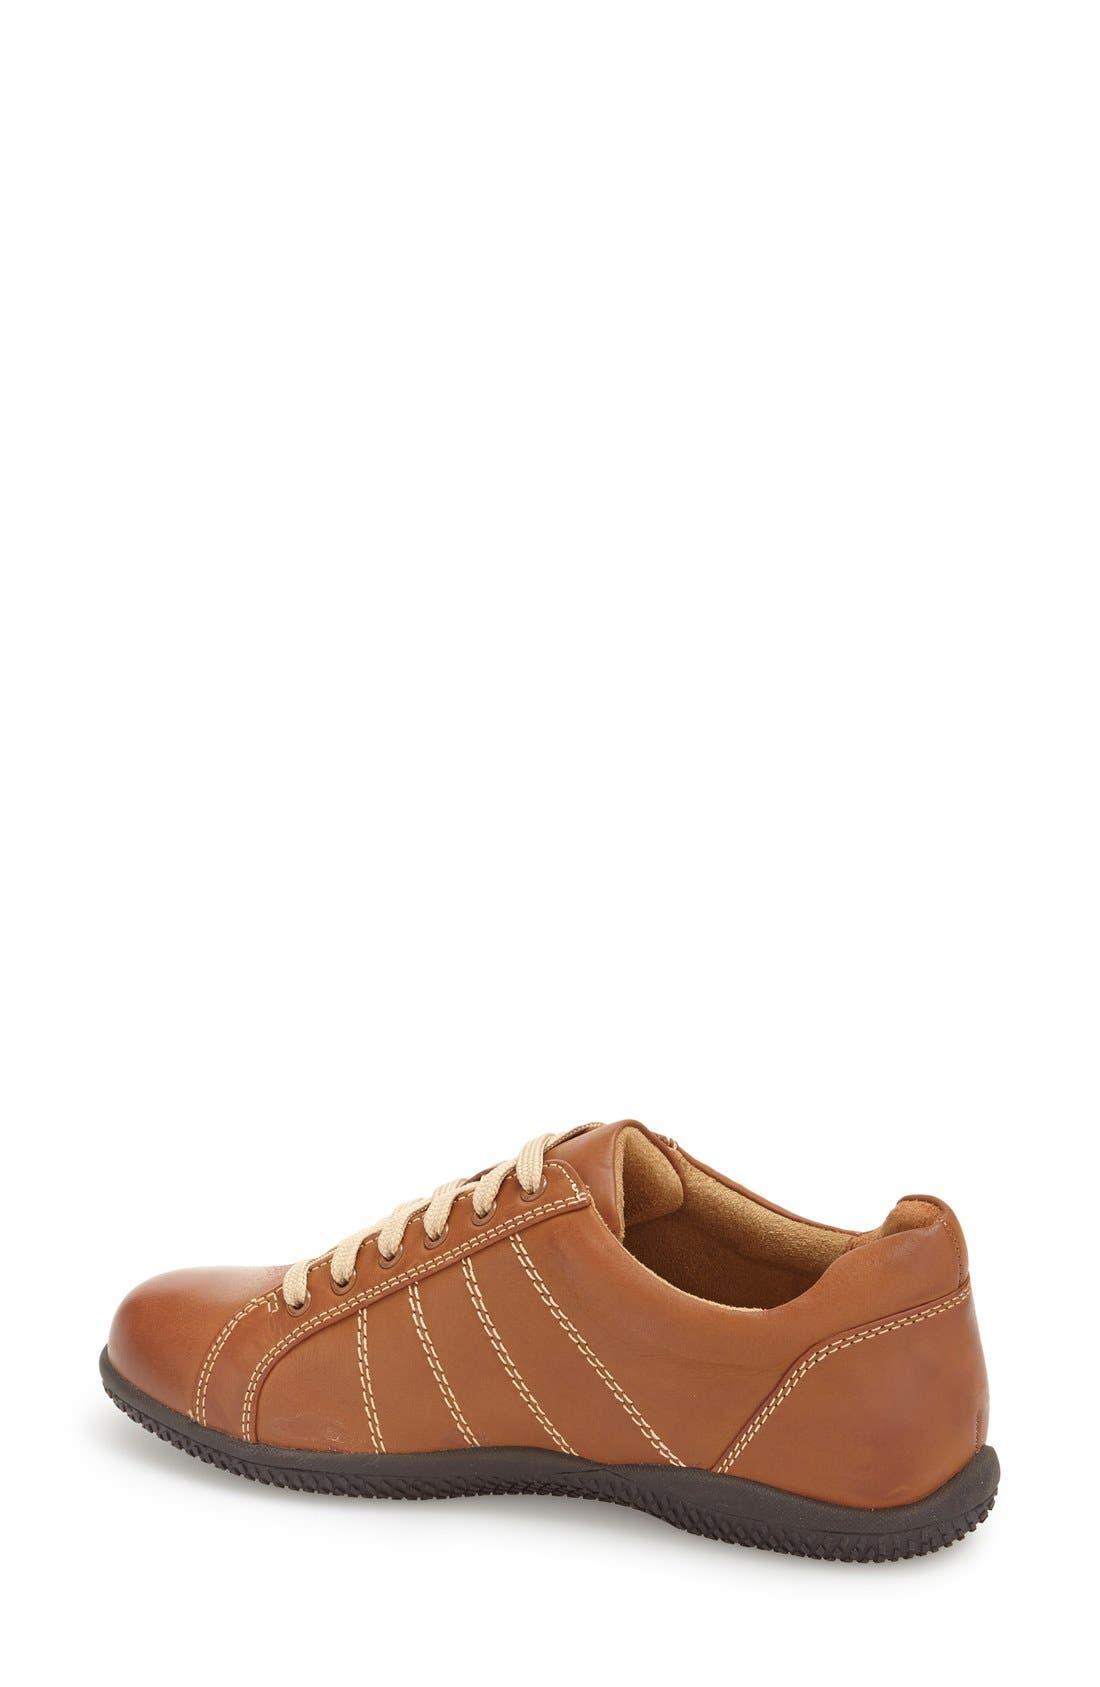 Alternate Image 2  - SoftWalk® 'Hickory' Sneaker (Women)